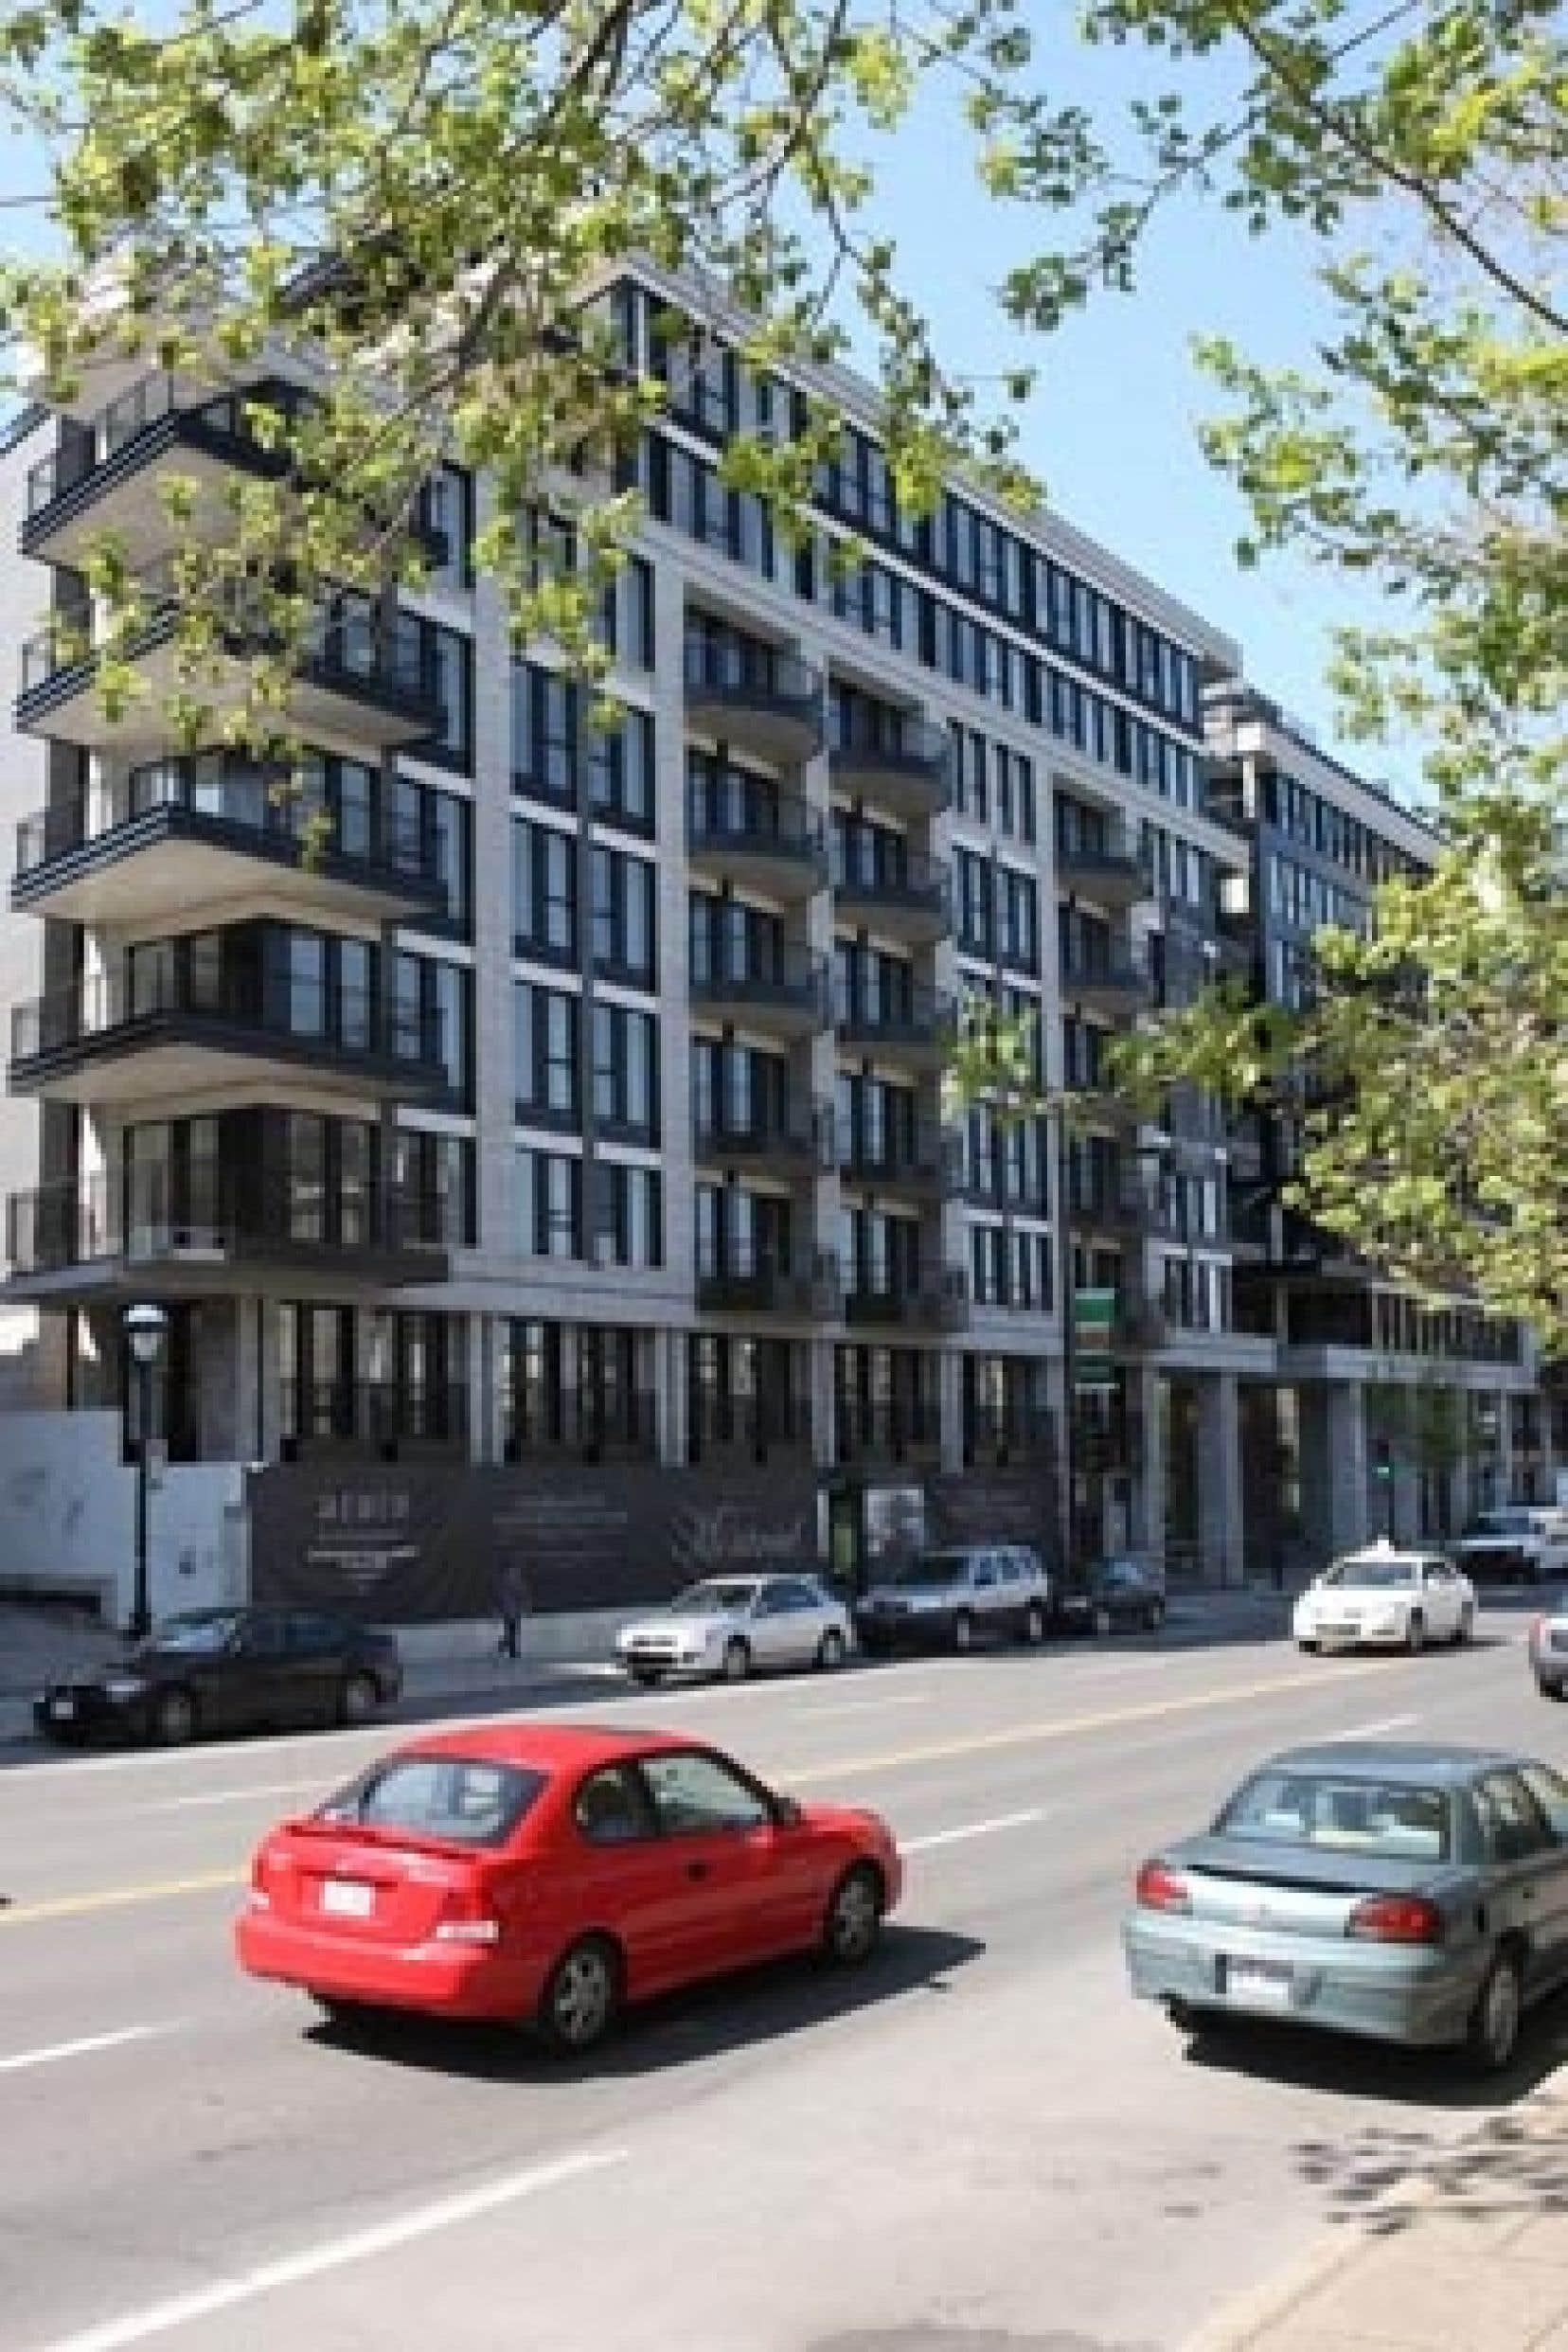 Le 333 est un projet de condominiums de luxe conçu pour une clientèle qui souhaite vivre dans un emplacement stratégique, à la frontière entre le Plateau et le centre-ville, à deux pas des cafés et des restos de la rue Saint-Denis.